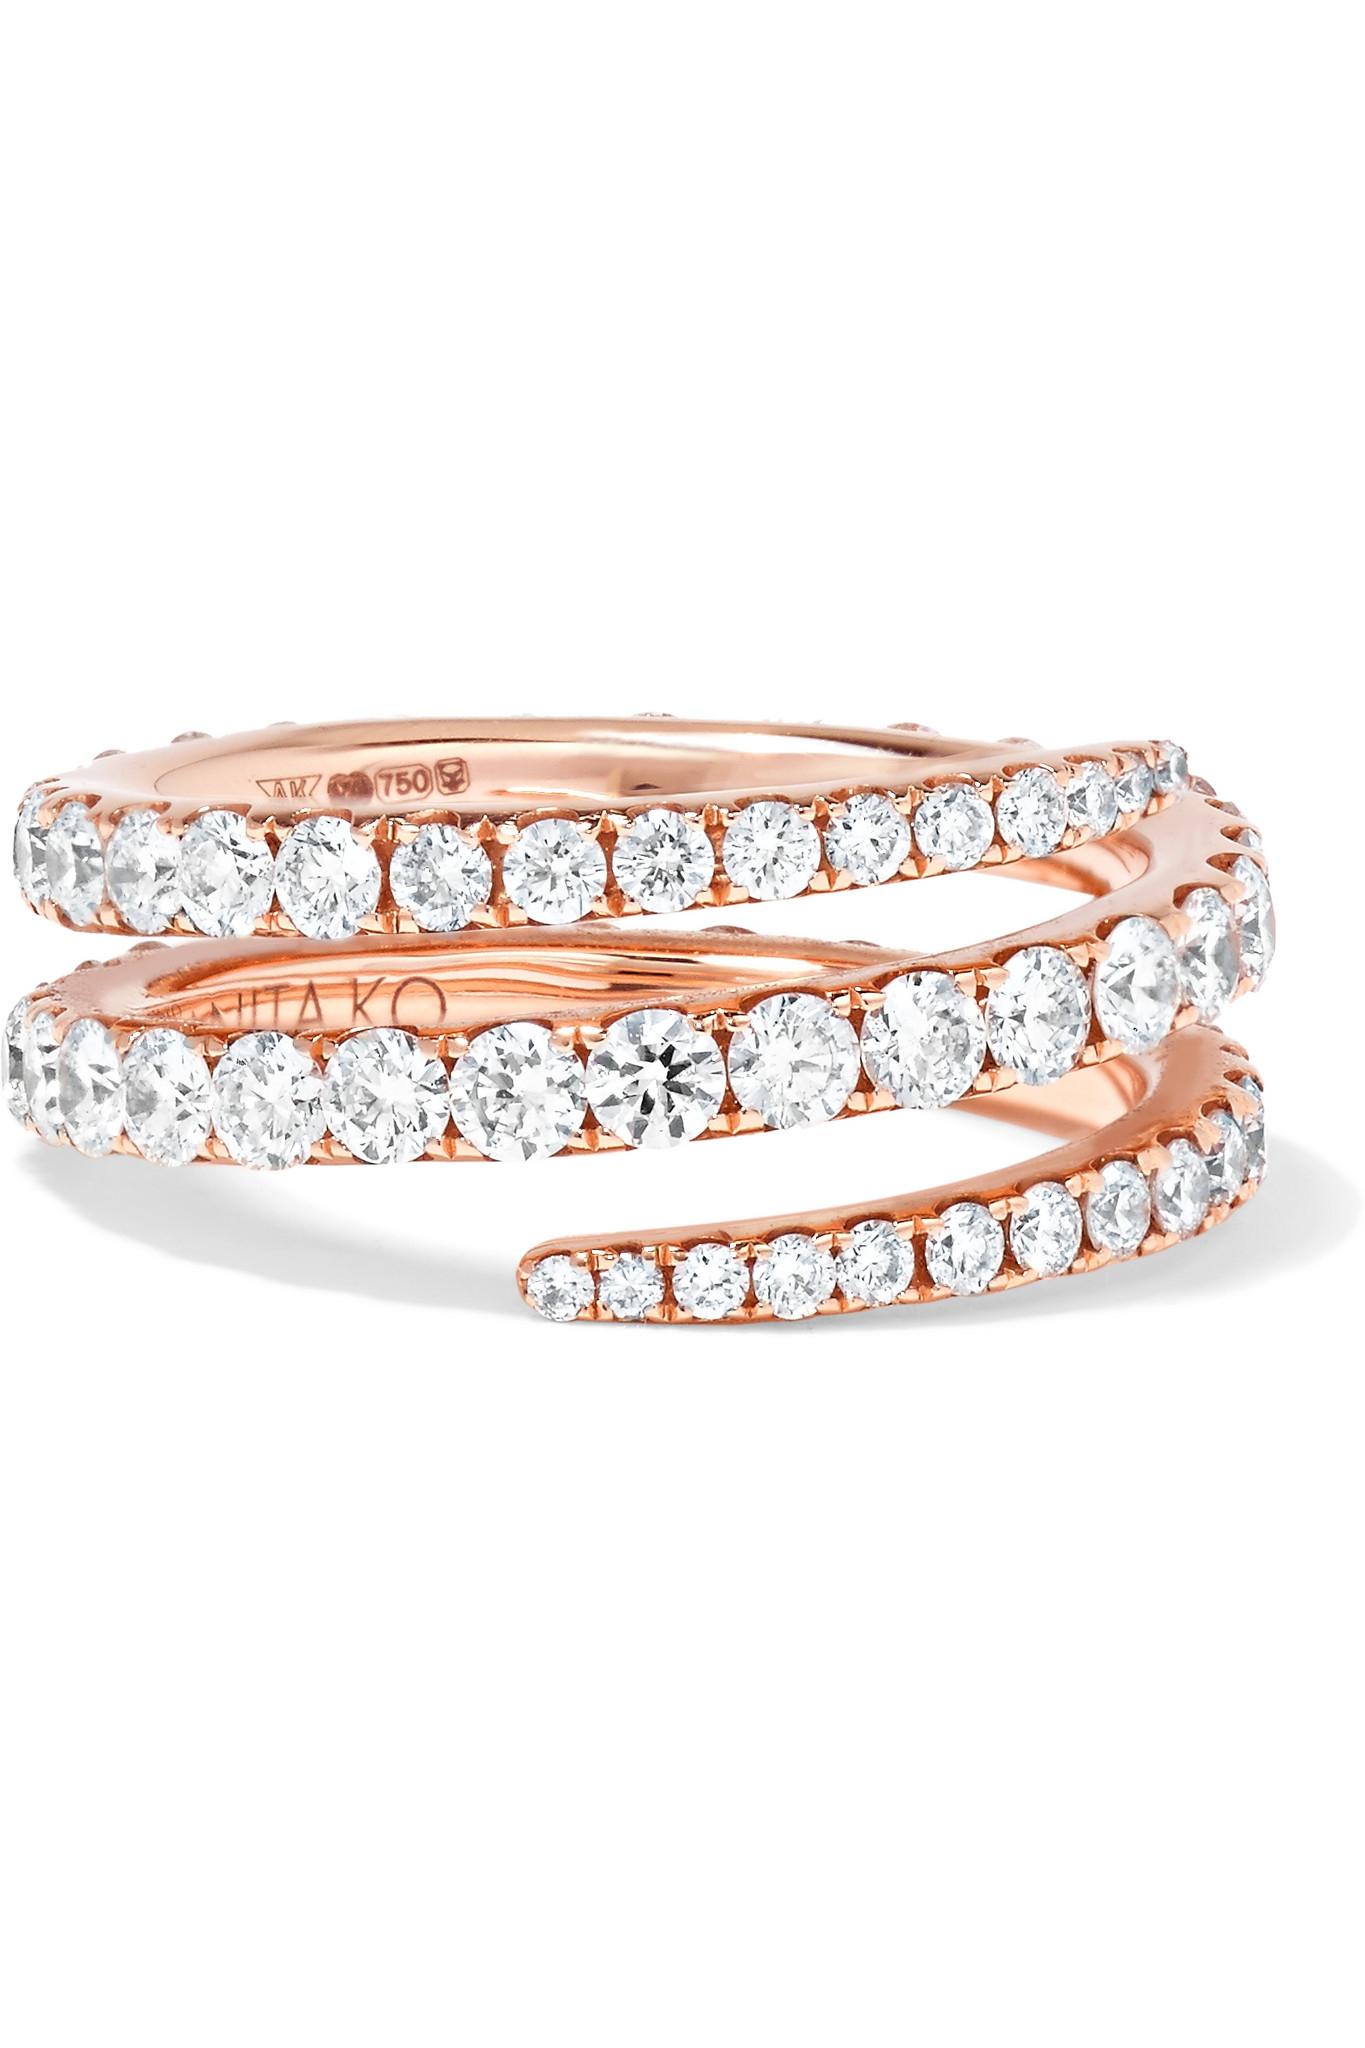 Anita Ko Coil 18 Karat Rose Gold Diamond Ring Lyst